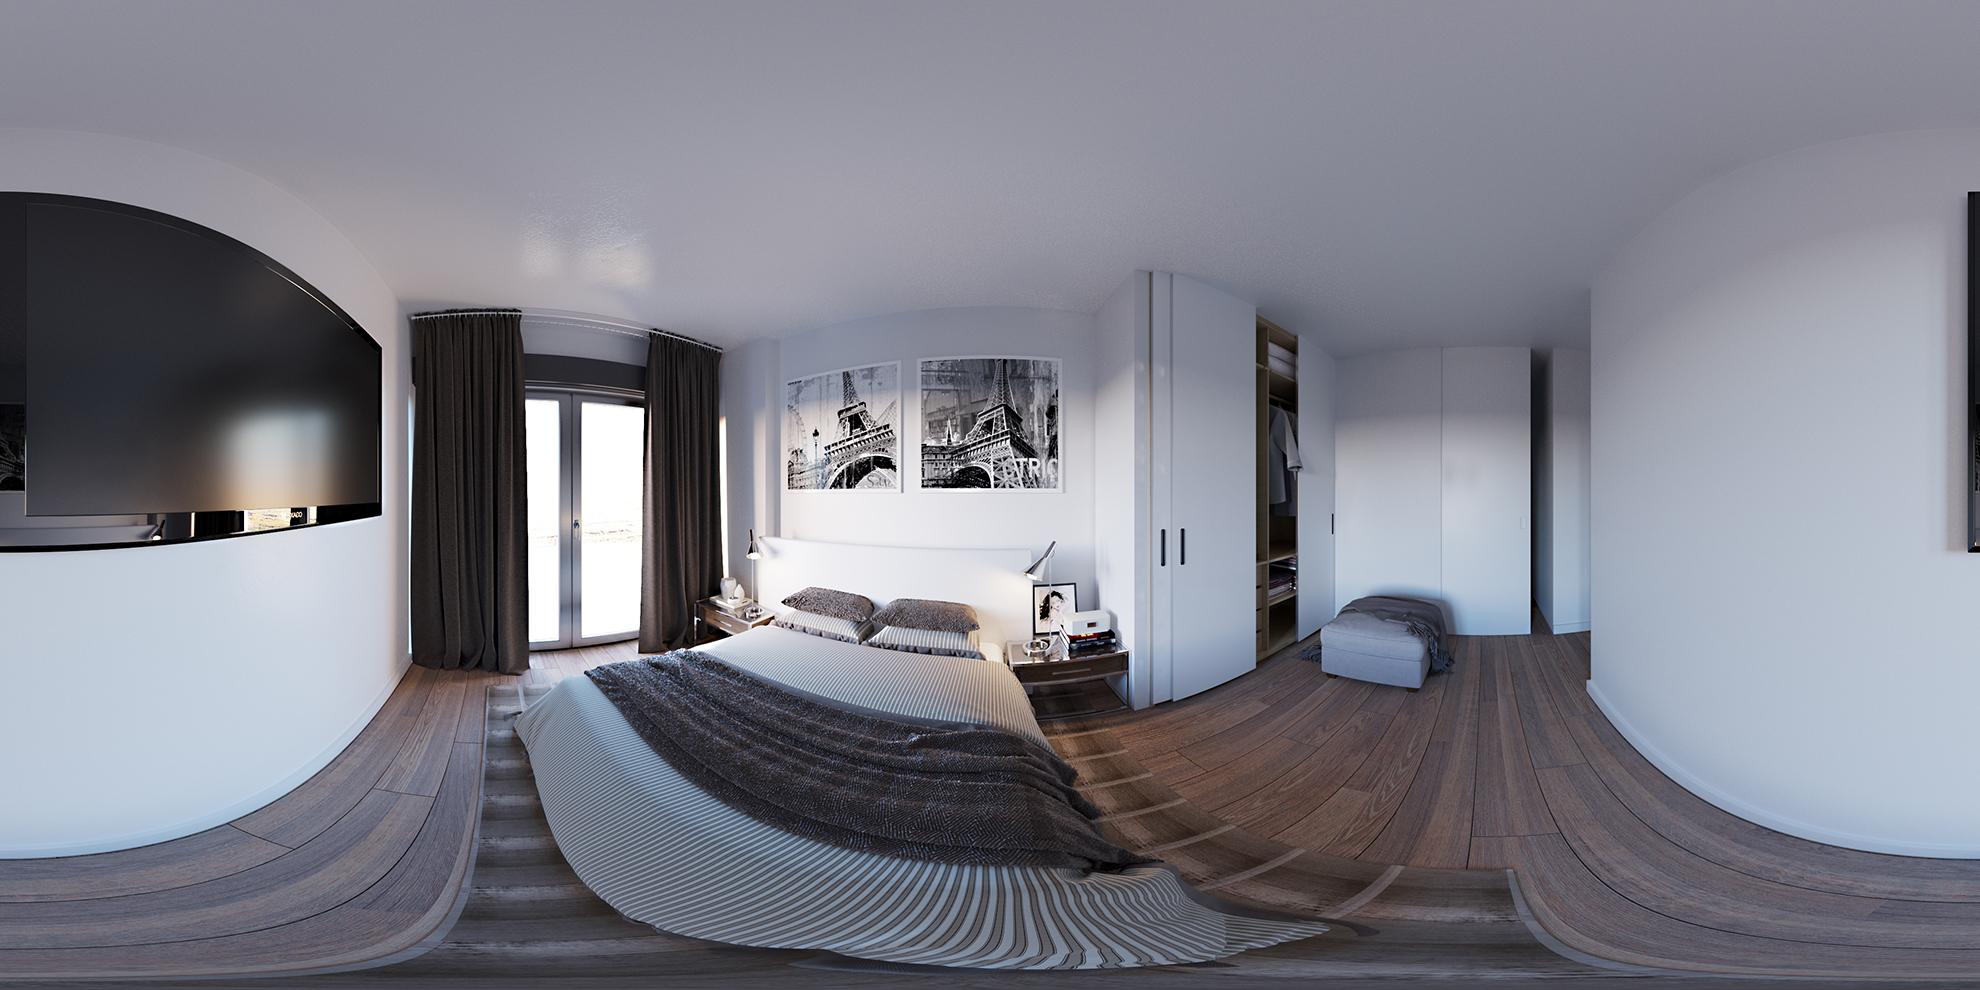 Concepto imágen 360 de habitación interior